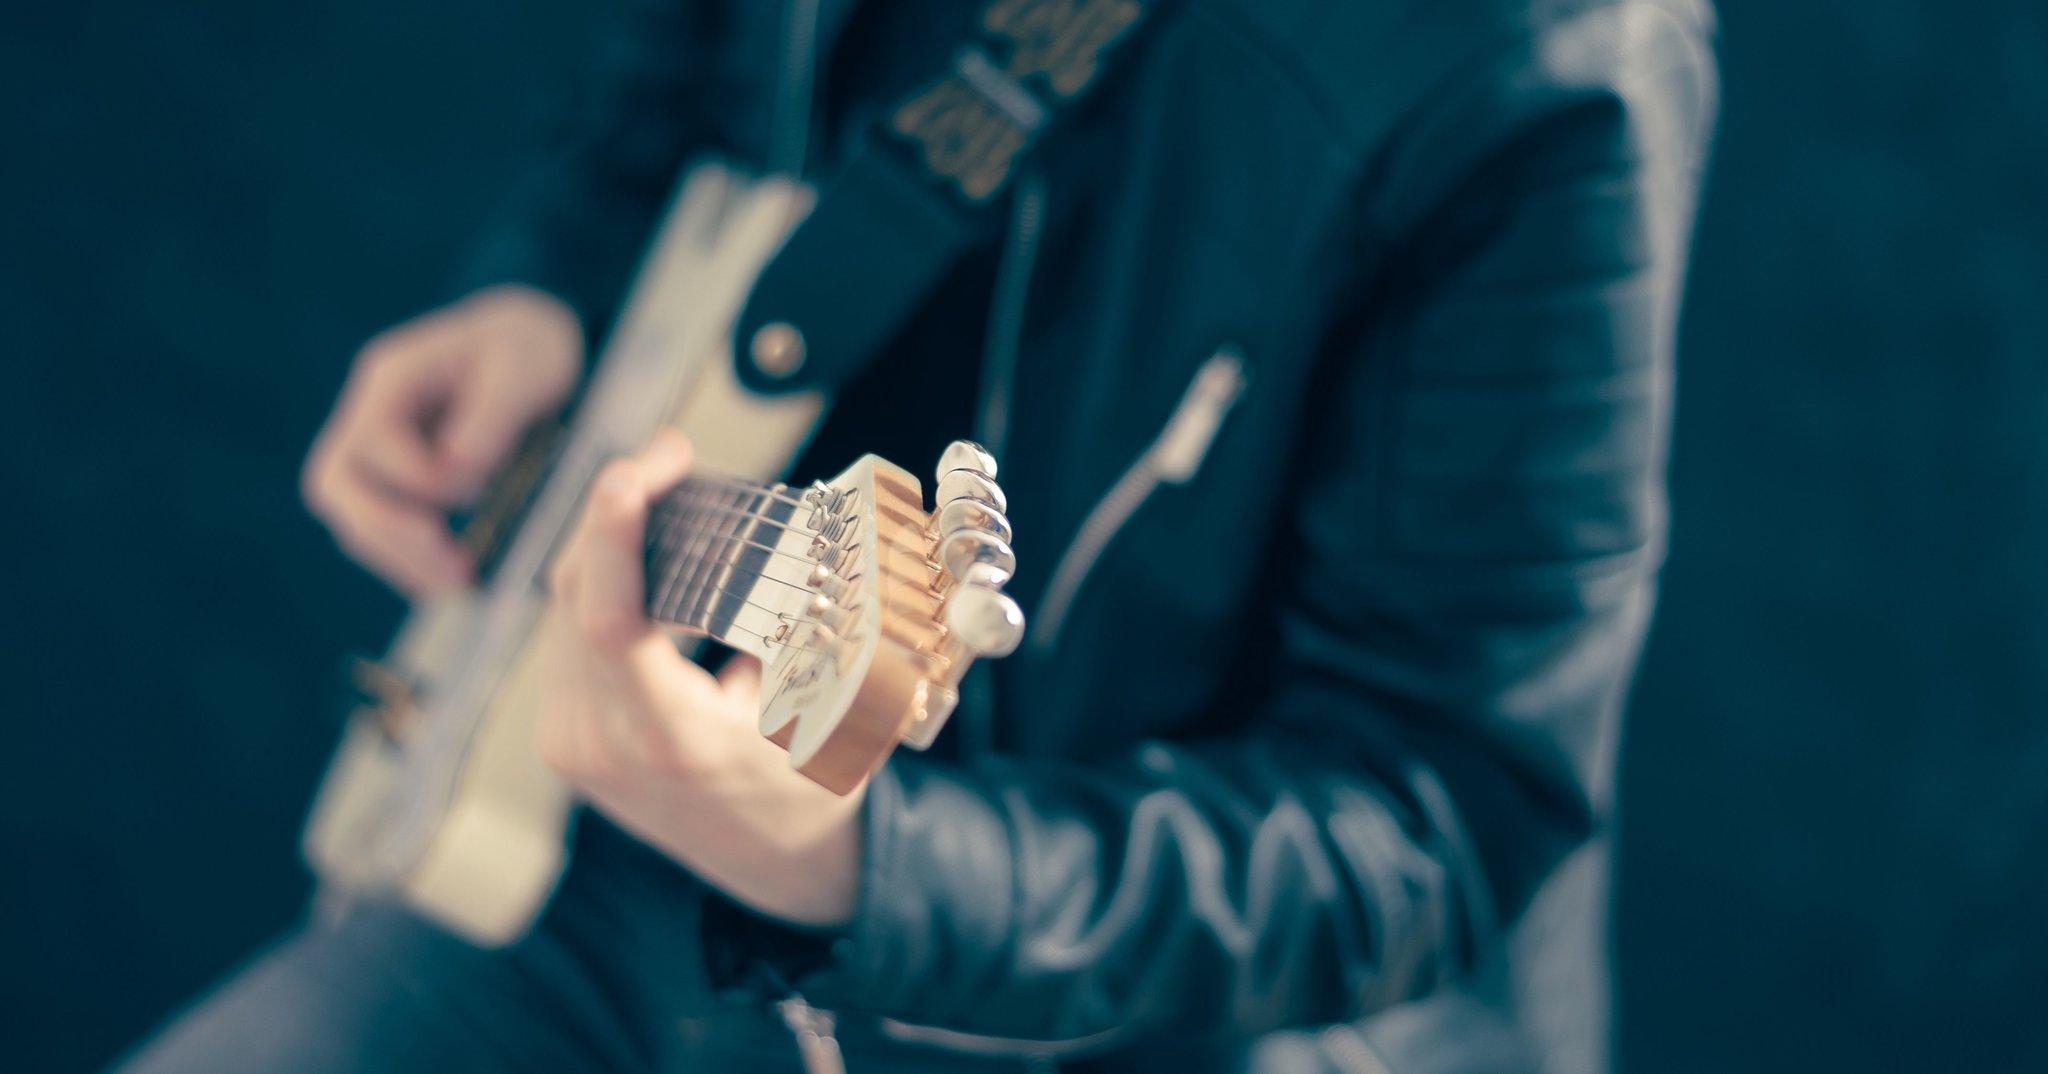 gitara Źródło: licencja: CC 0.